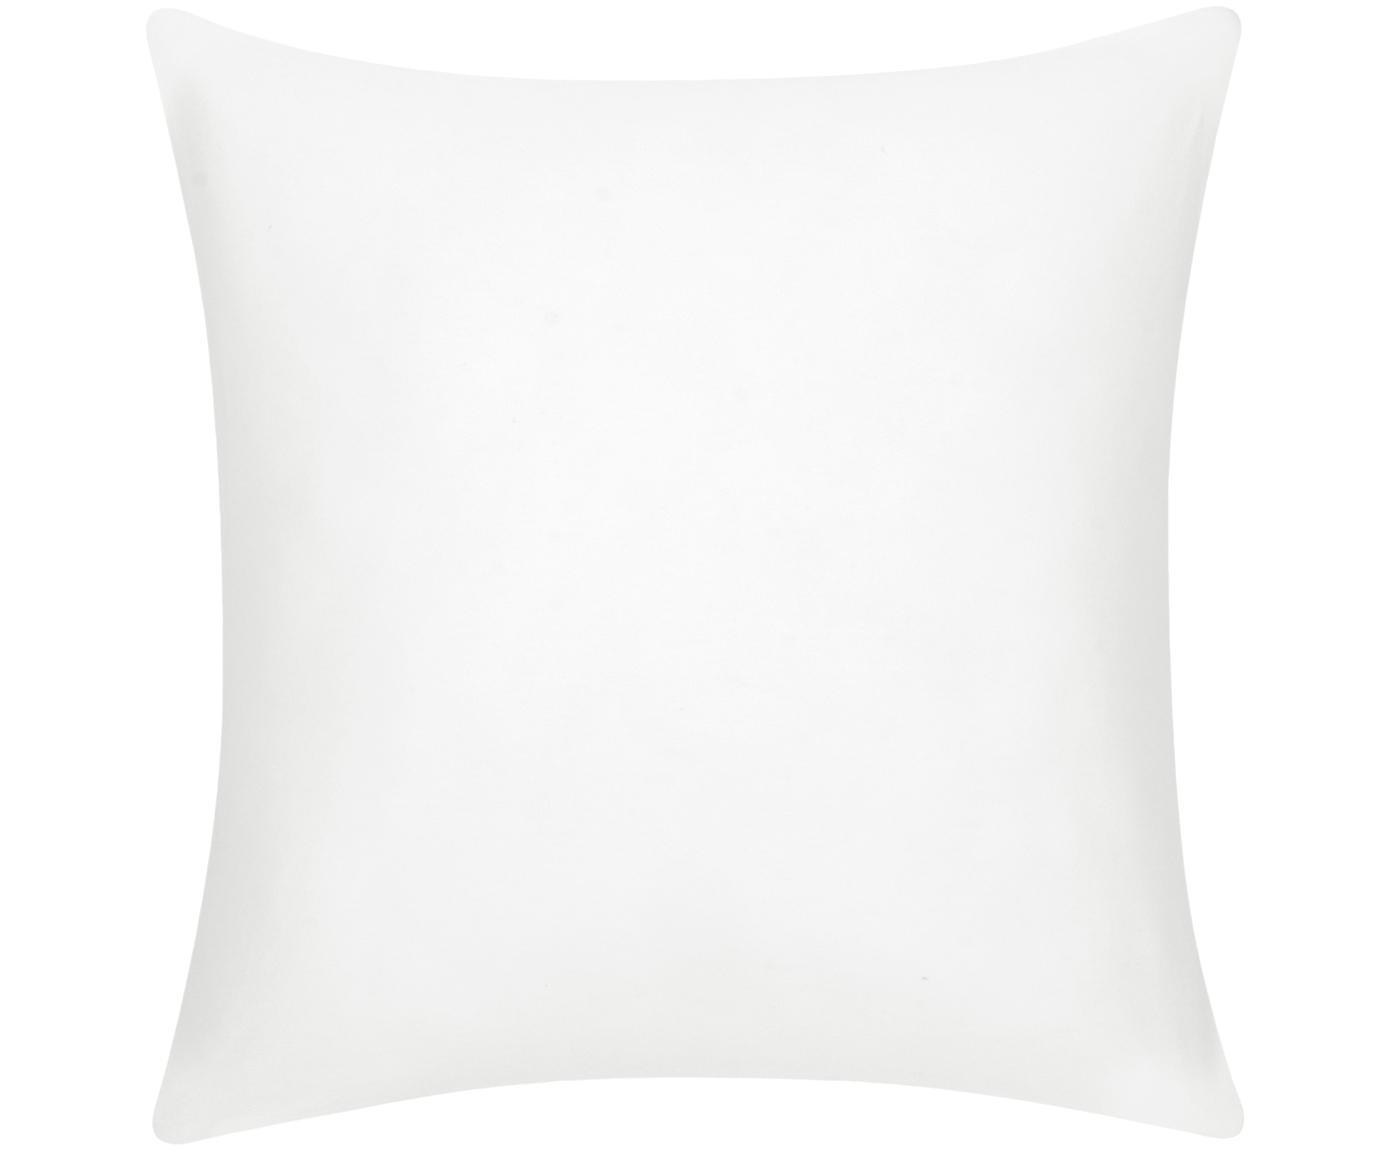 Baumwoll-Kissenhülle Mads in Weiß, 100% Baumwolle, Cremeweiß, 50 x 50 cm